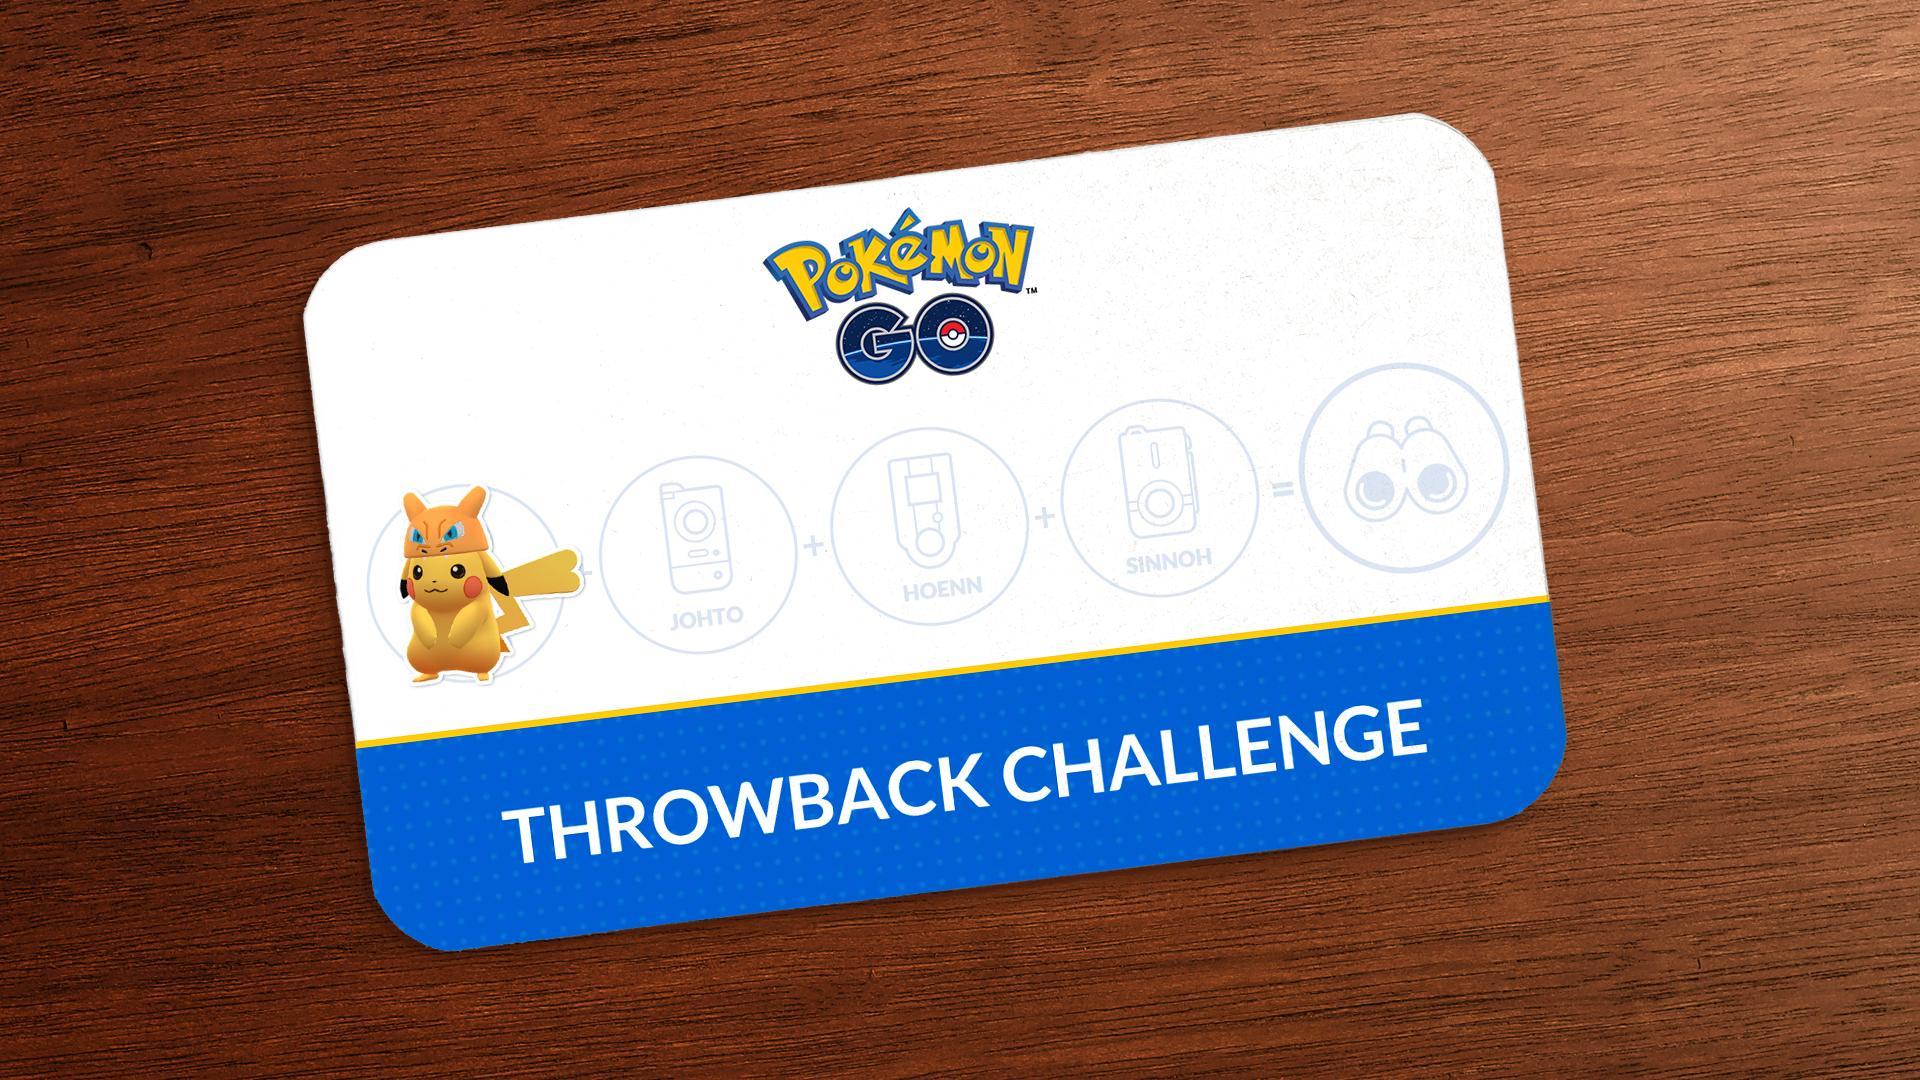 Throwback Challenge 2020: Kanto